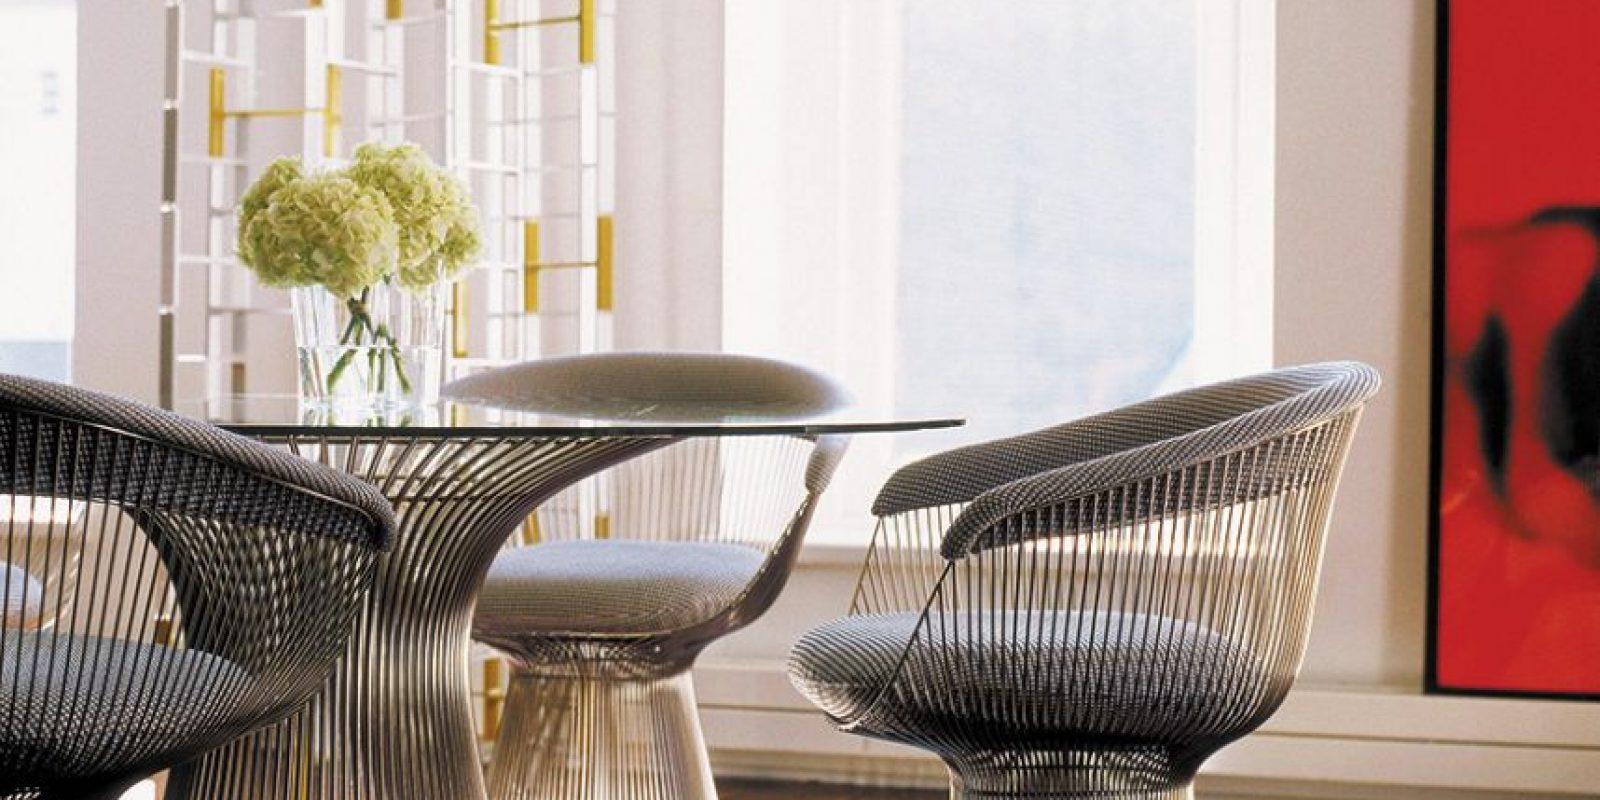 Foto:Platner Dining Table – Photo via Knoll. Imagen Por: